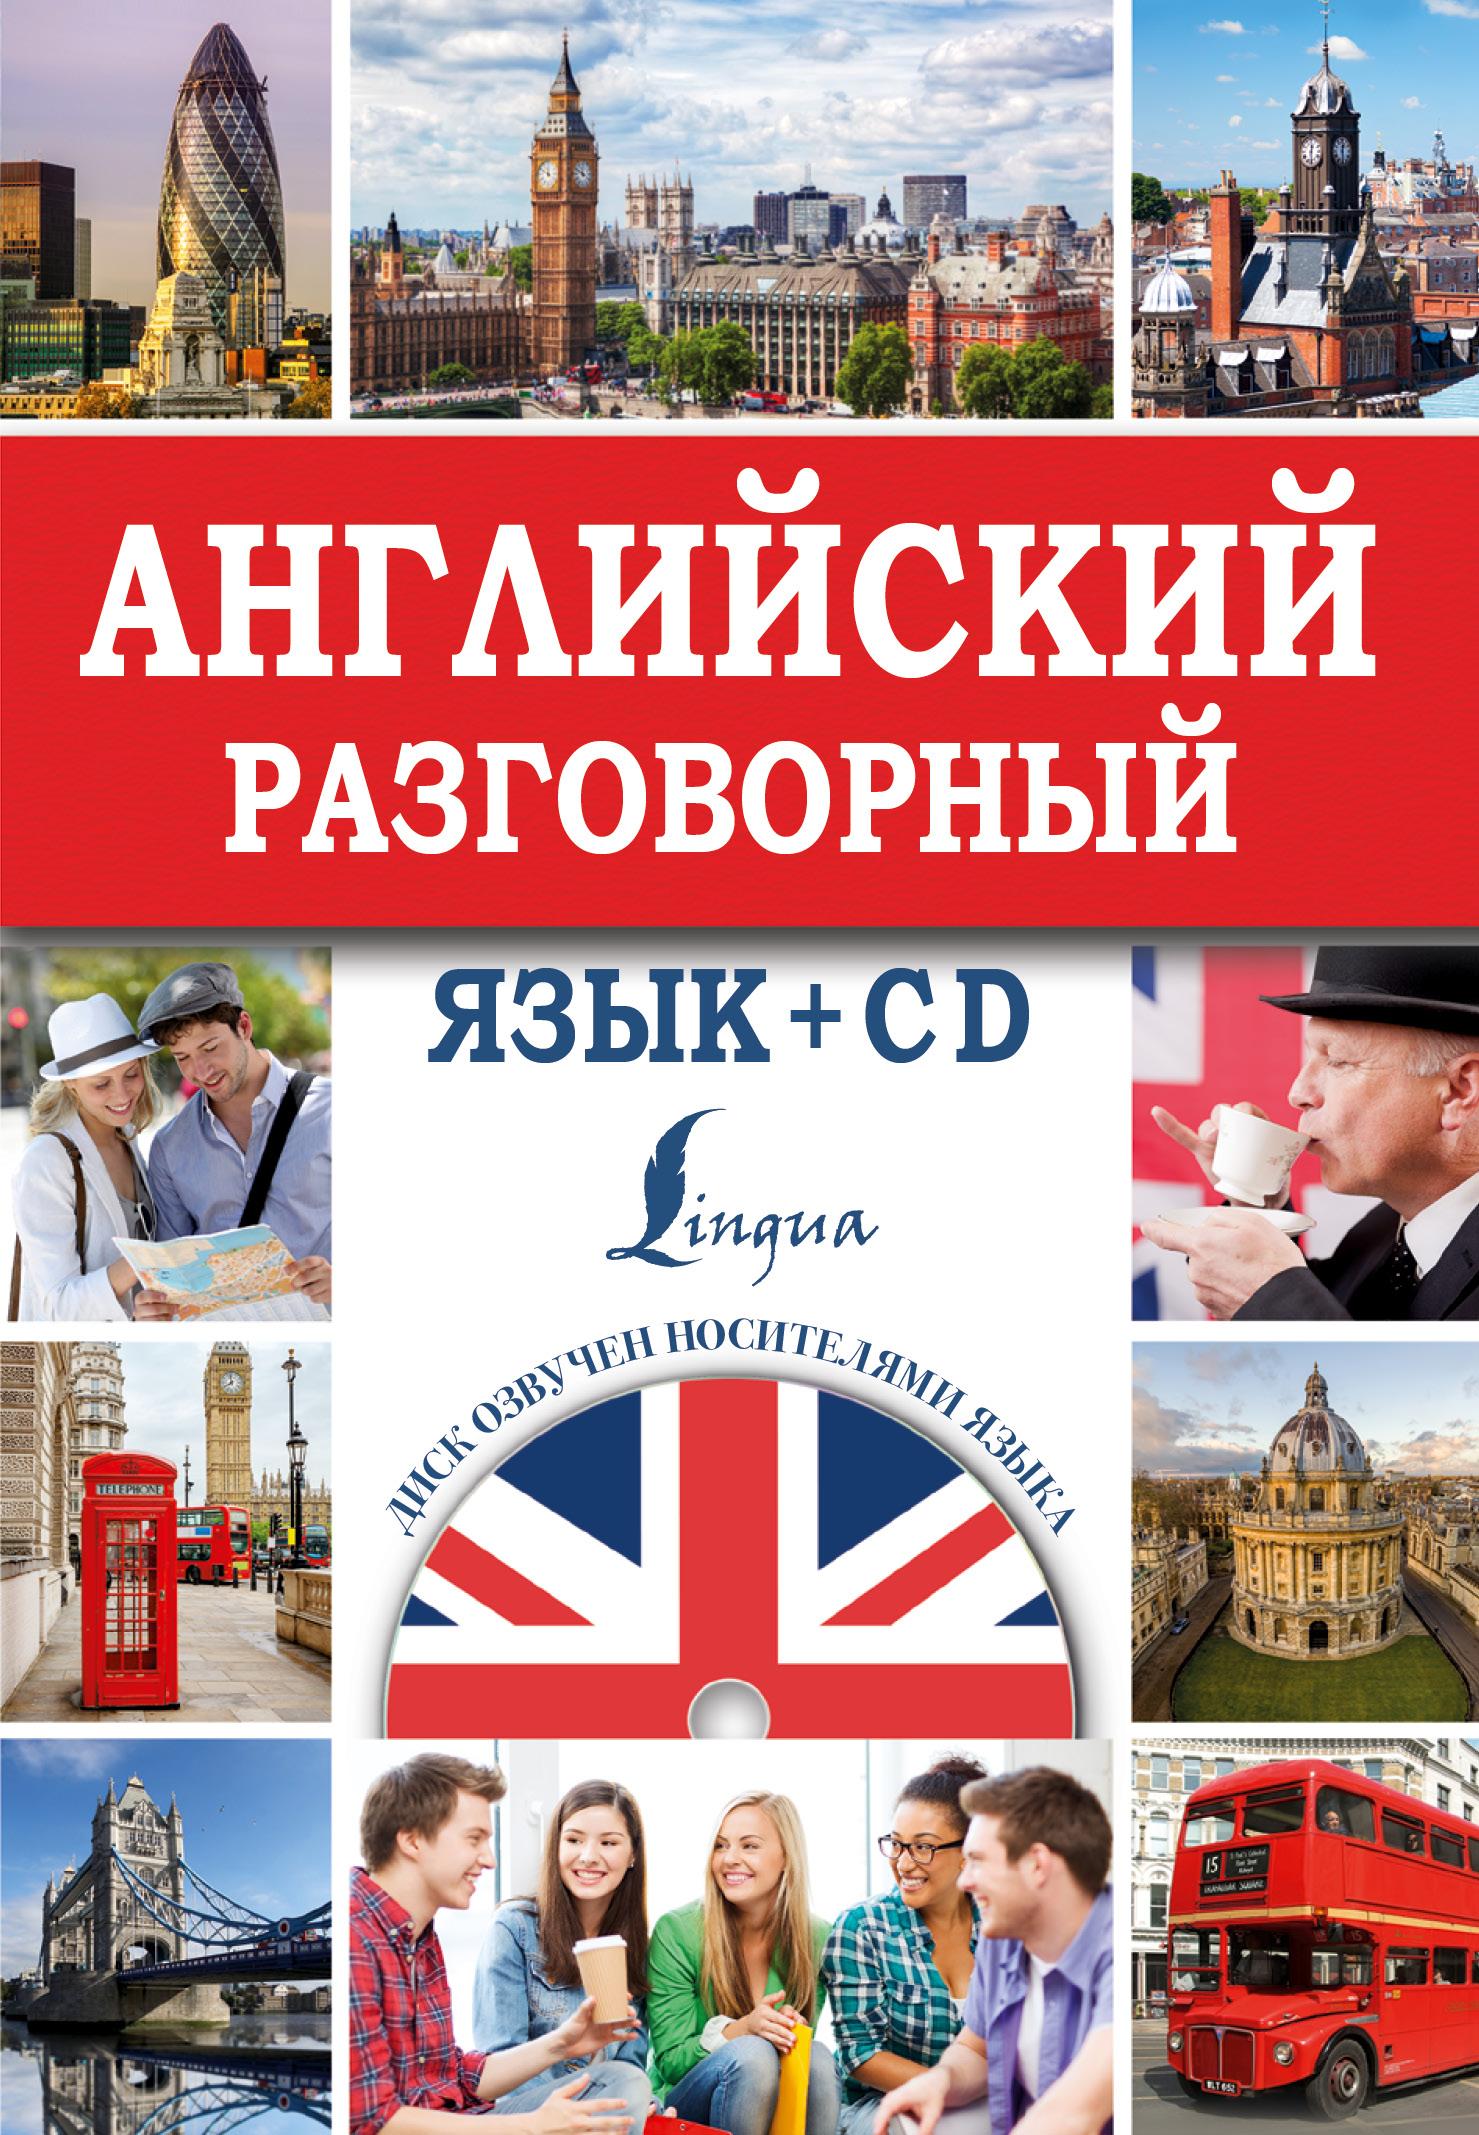 Английский разговорный язык + CD